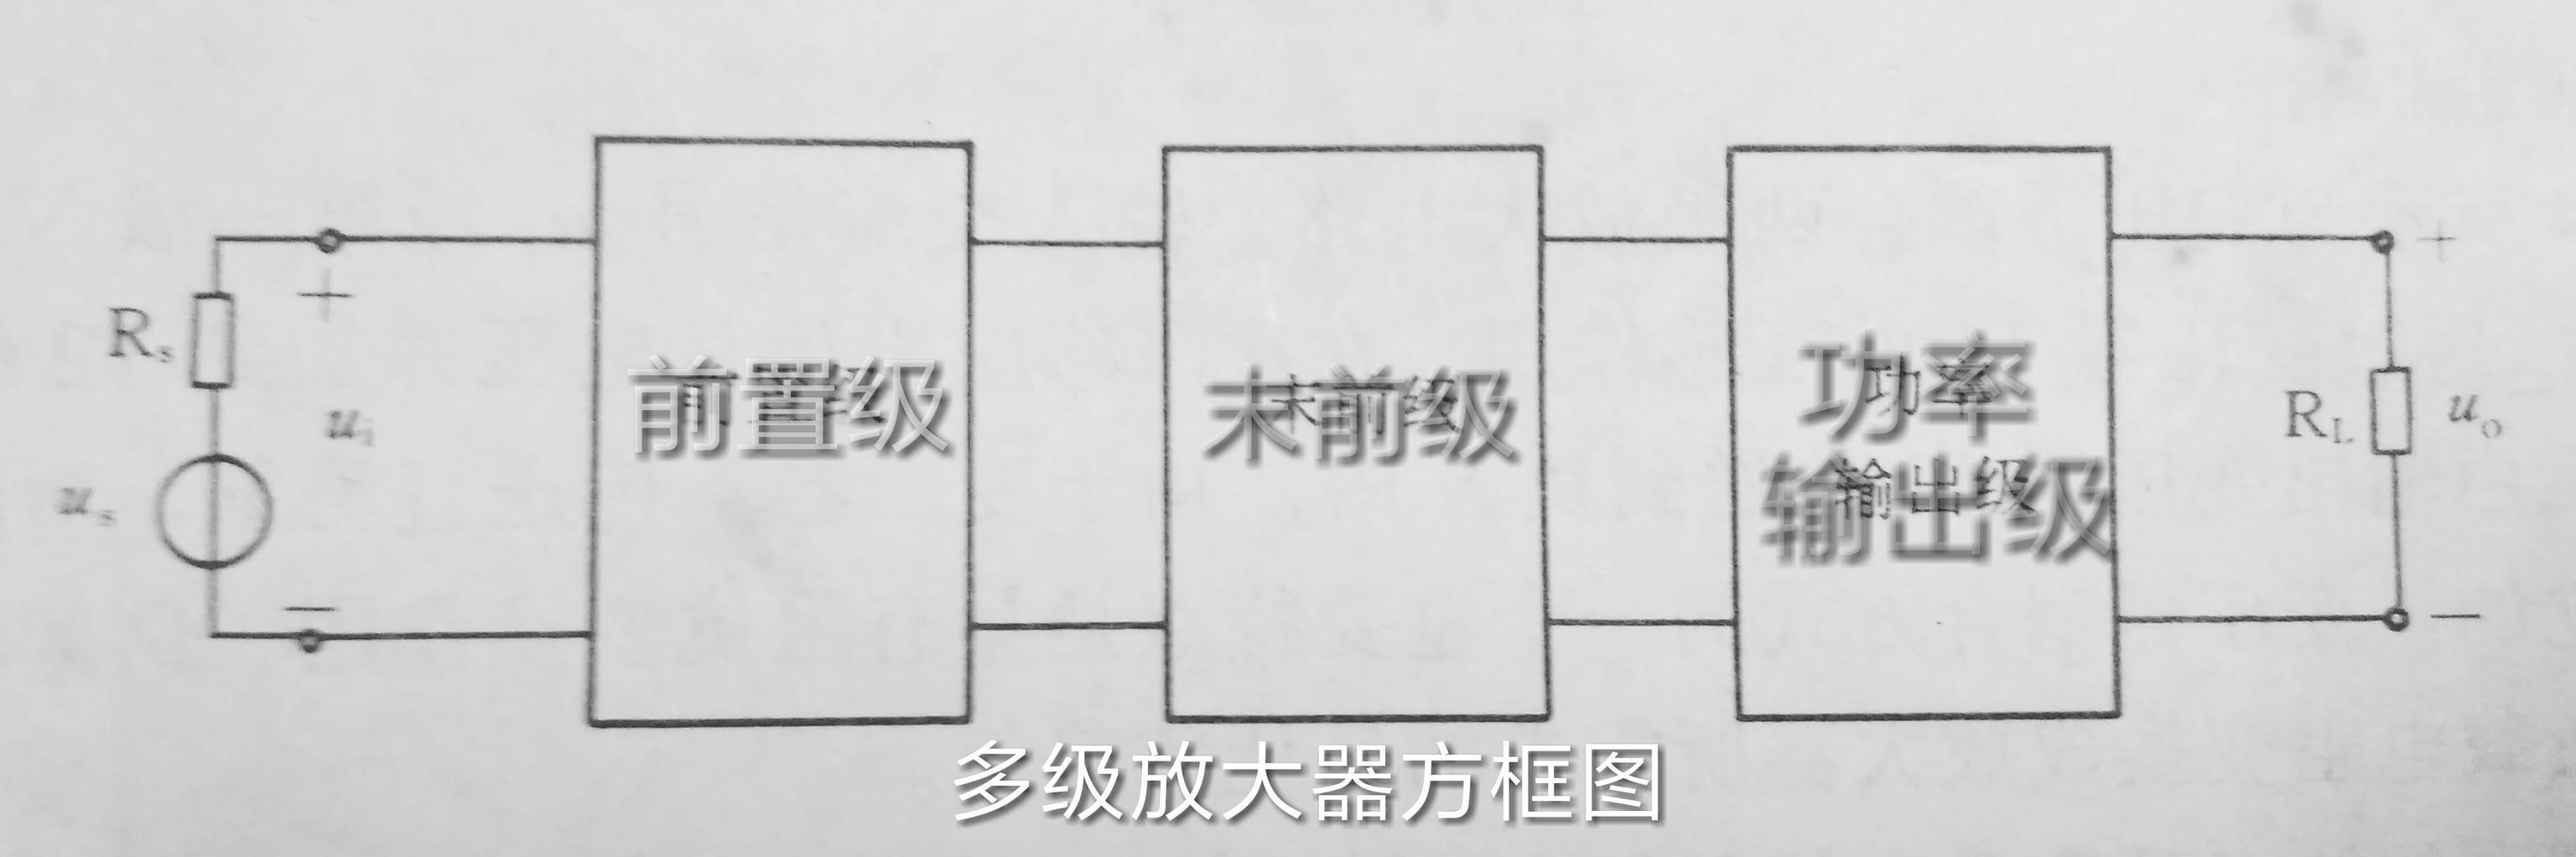 阻容)把两个单级放大器连接起来,下图是两级阻容耦合放大电路 .